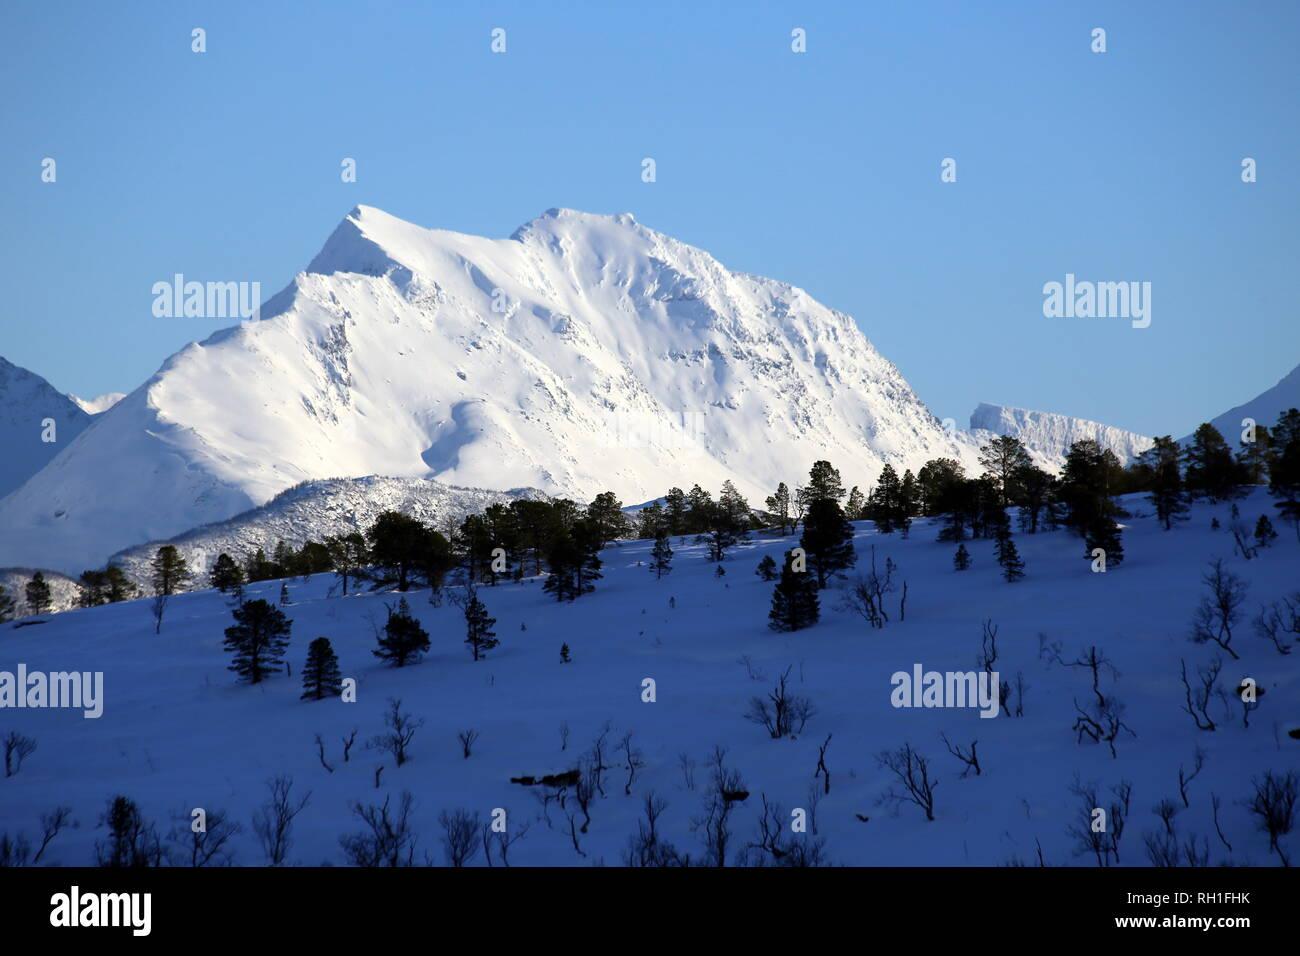 Von Bodö nach Tromsö - Im Hintergrund ein verschneiter Berggrat, im Vordergrund verdeutlichen einzelne Fichten Tiefe und Höhe des Bergpanorramas. - Stock Image